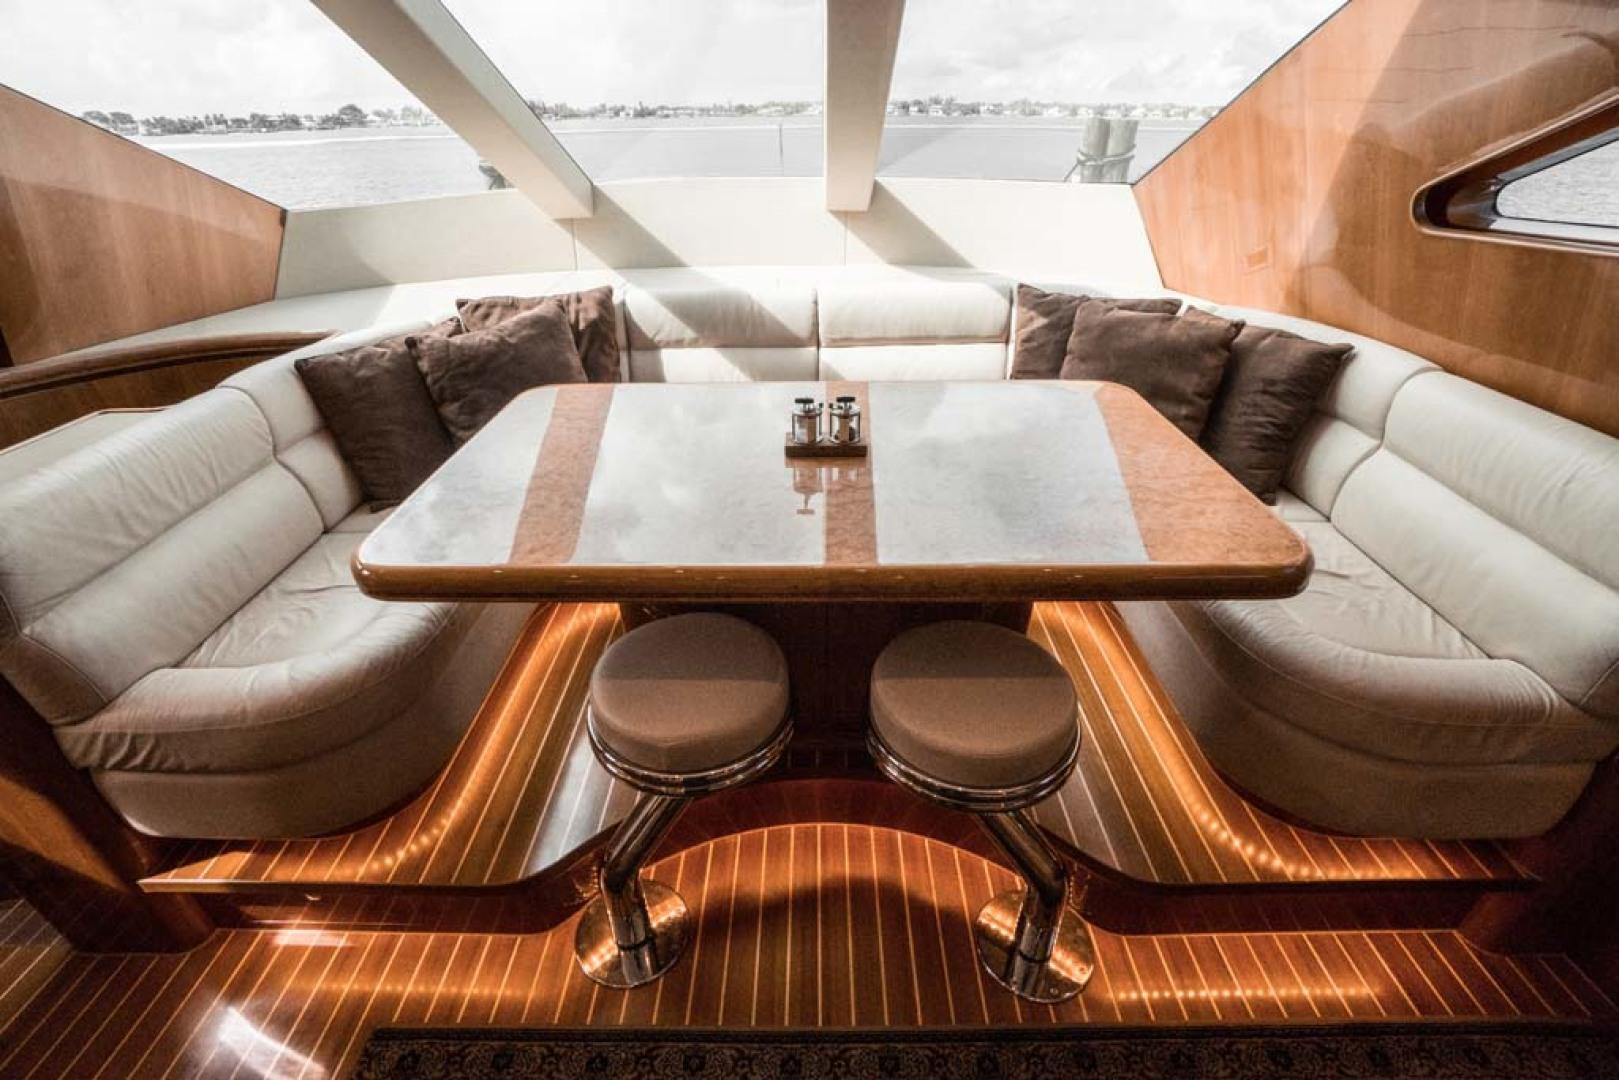 Horizon-Cockpit-Motor-Yacht-2008-Liberation-Stuart-Florida-United-States-Dining-1075326